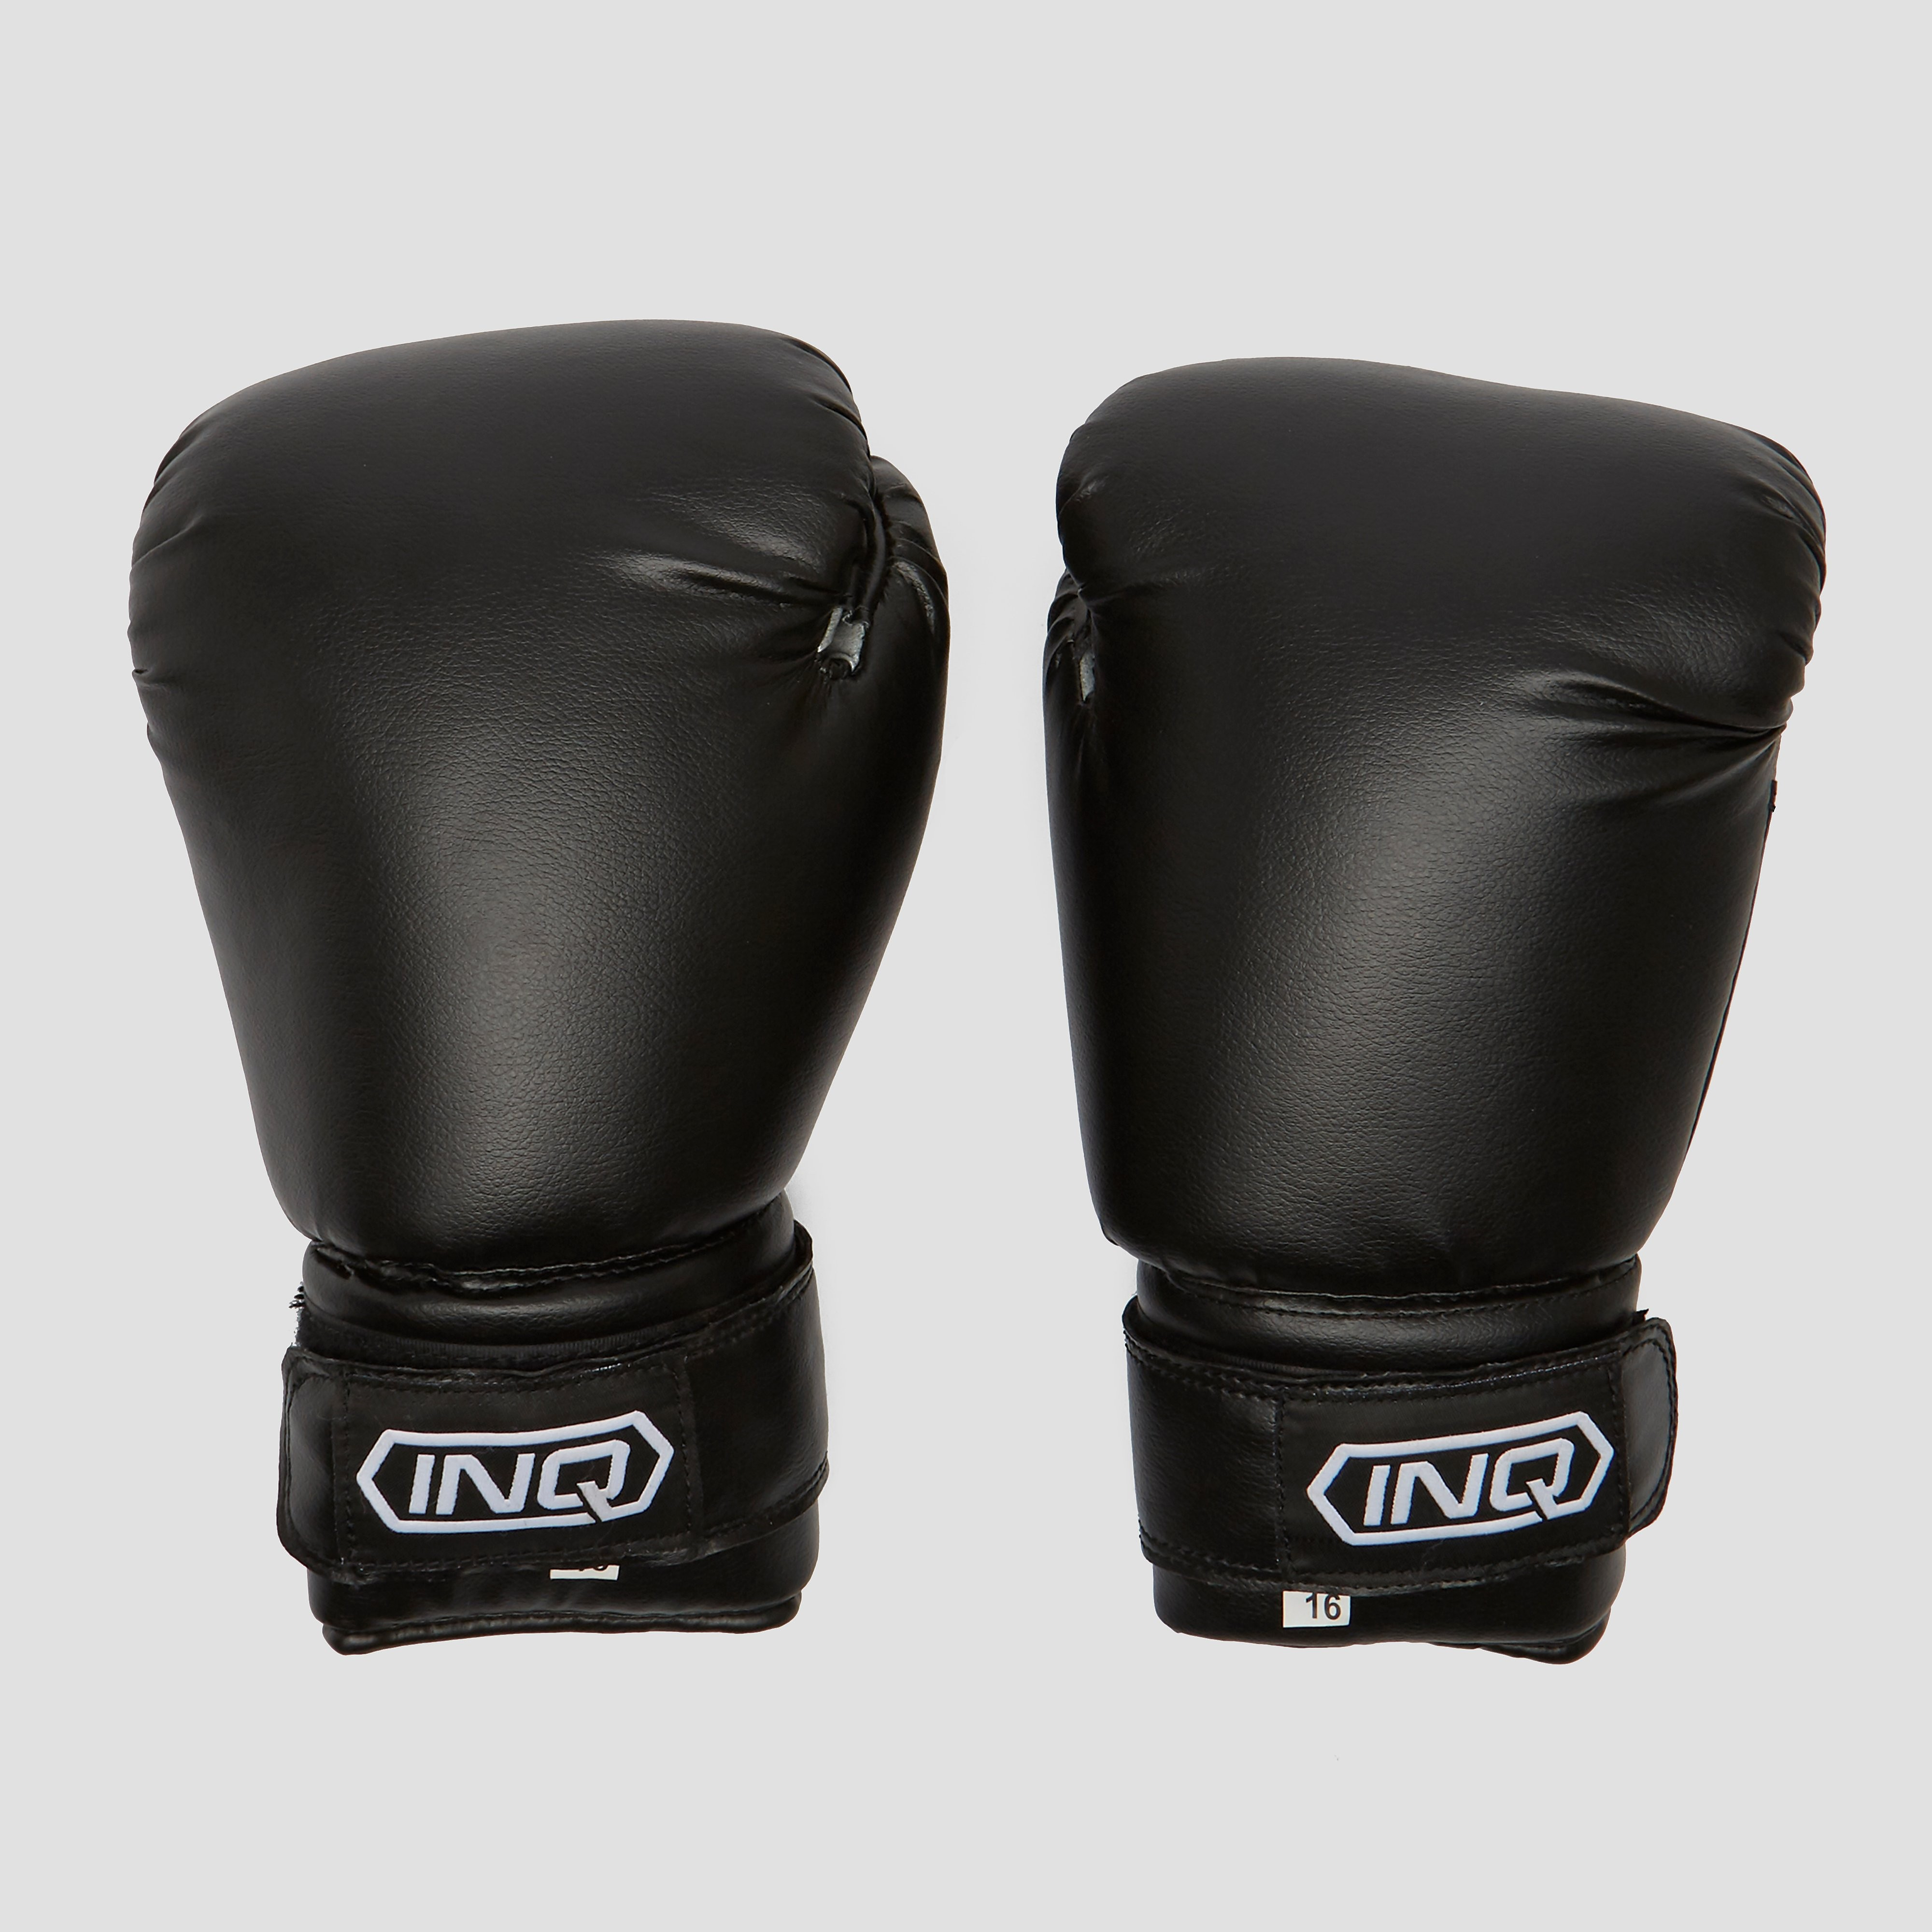 Deze comfortabele bokshandschoenen van inq beschermen je handen tijdens het boksen en maken je stoten nog ...